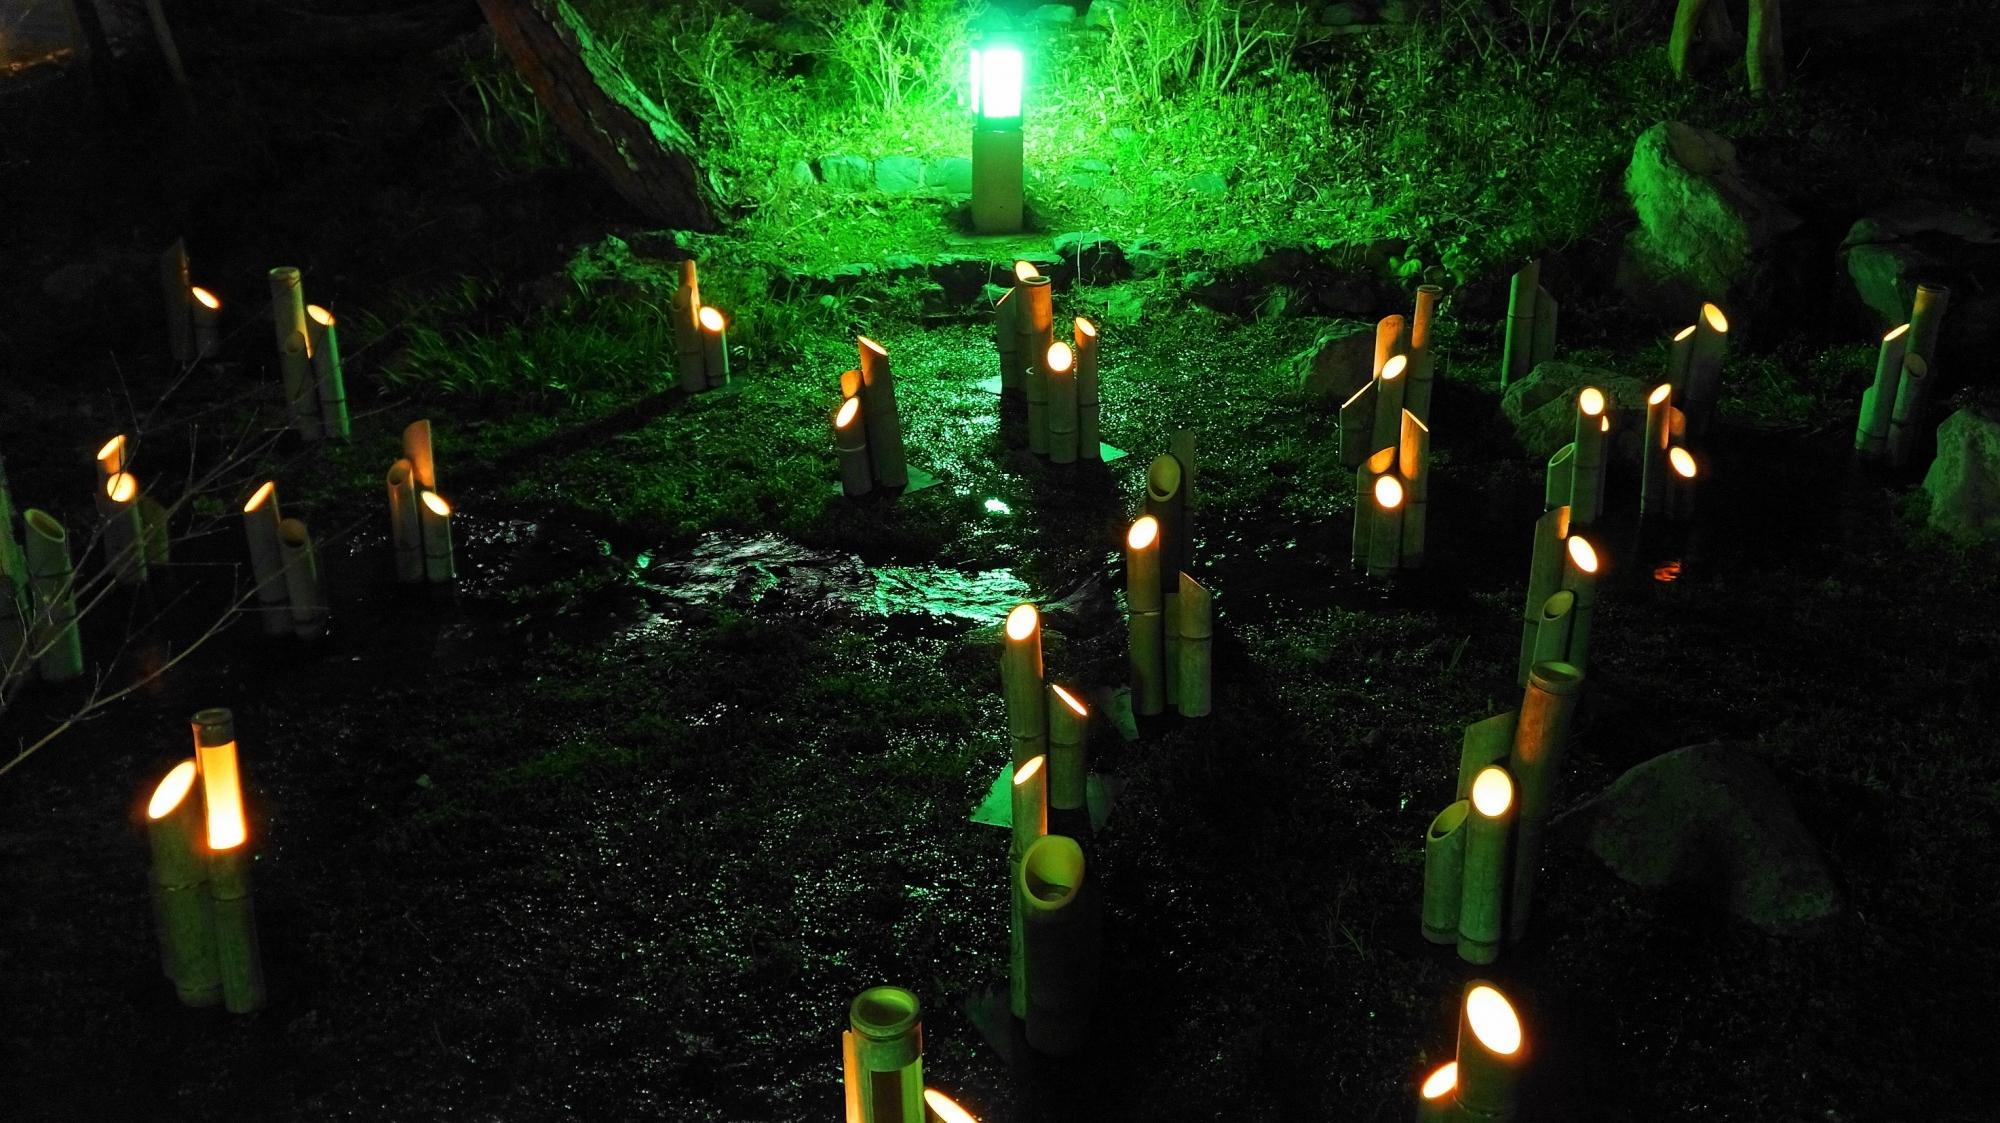 東山花灯路 円山公園 竹灯り ライトアップ